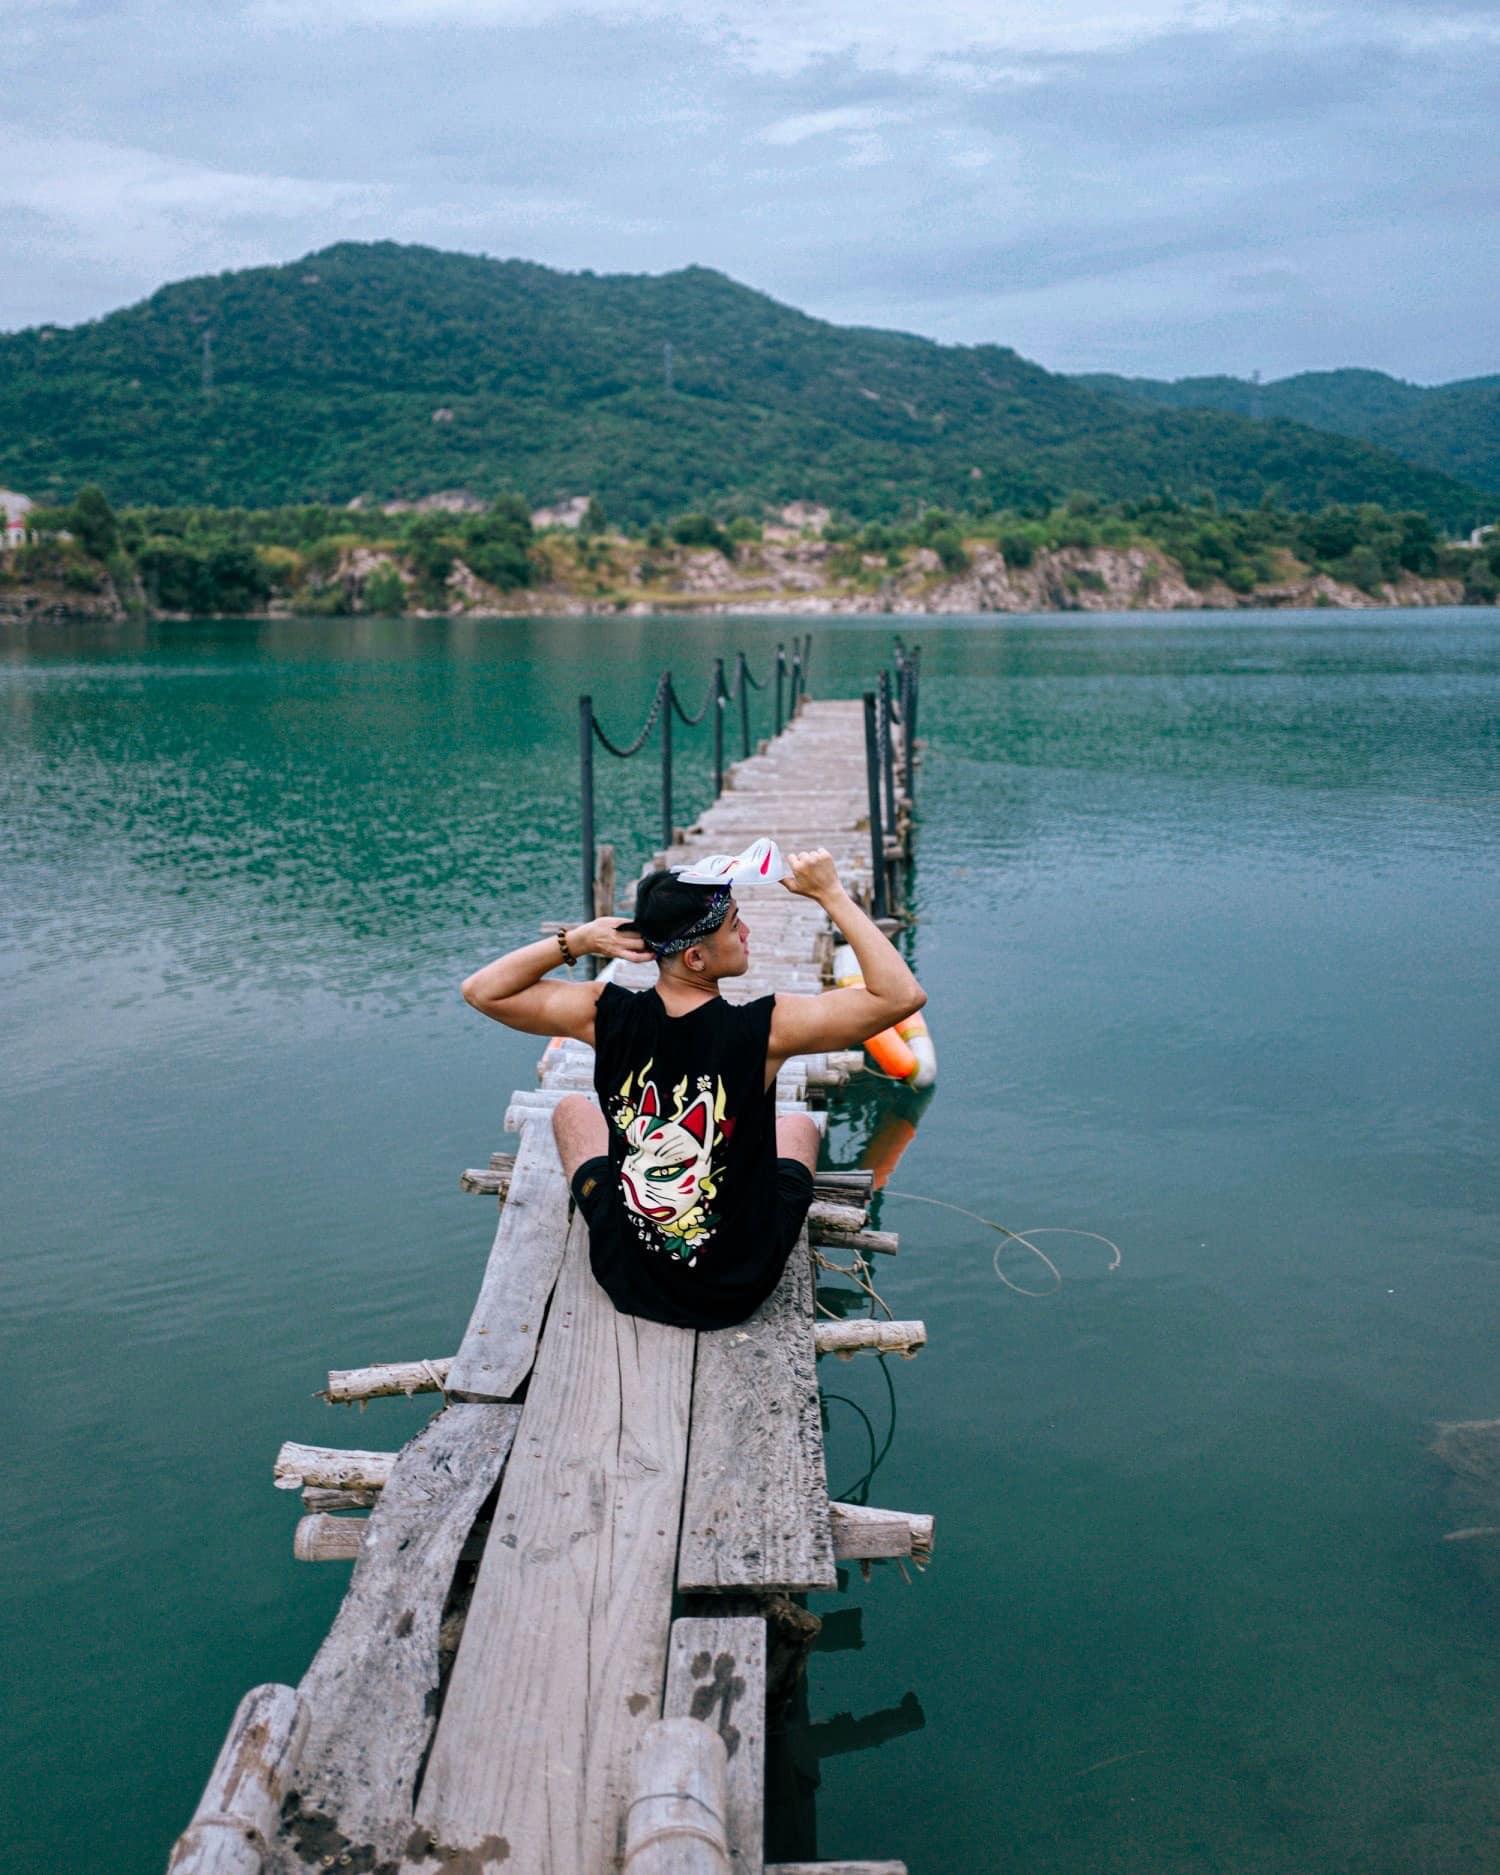 Bật mí 5 góc chụp 'đẹp miễn chê' tại hồ Đá Xanh, Vũng Tàu  - Ảnh 9.